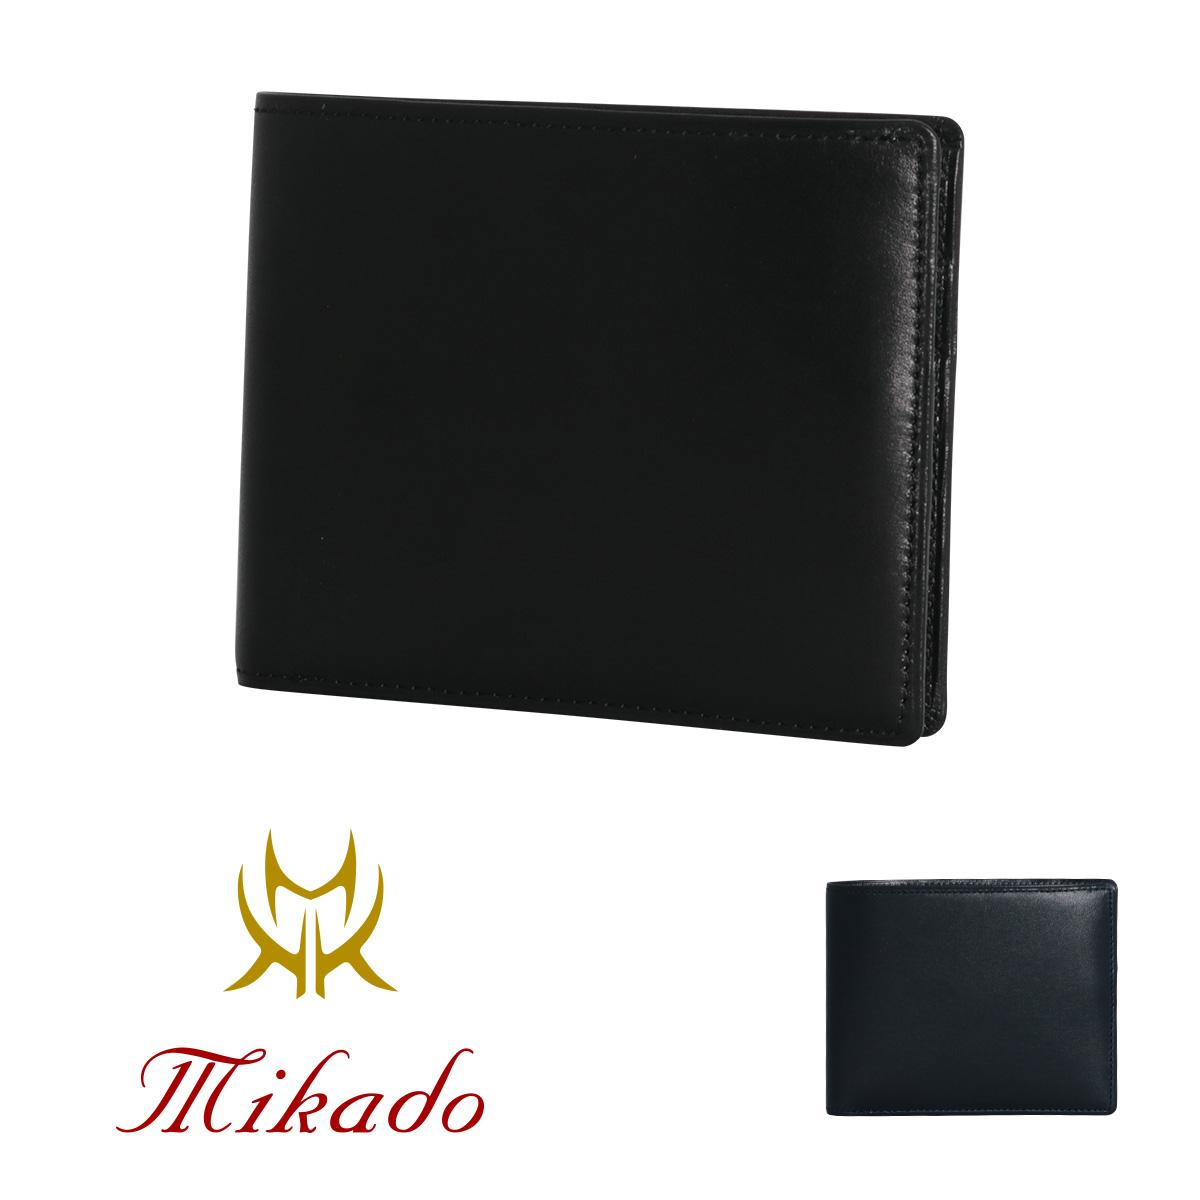 ミカド Mikado 二つ折り財布 225015 シャトーブリアン 【 財布 メンズ レザー 】【PO5】【bef】[即日発送]